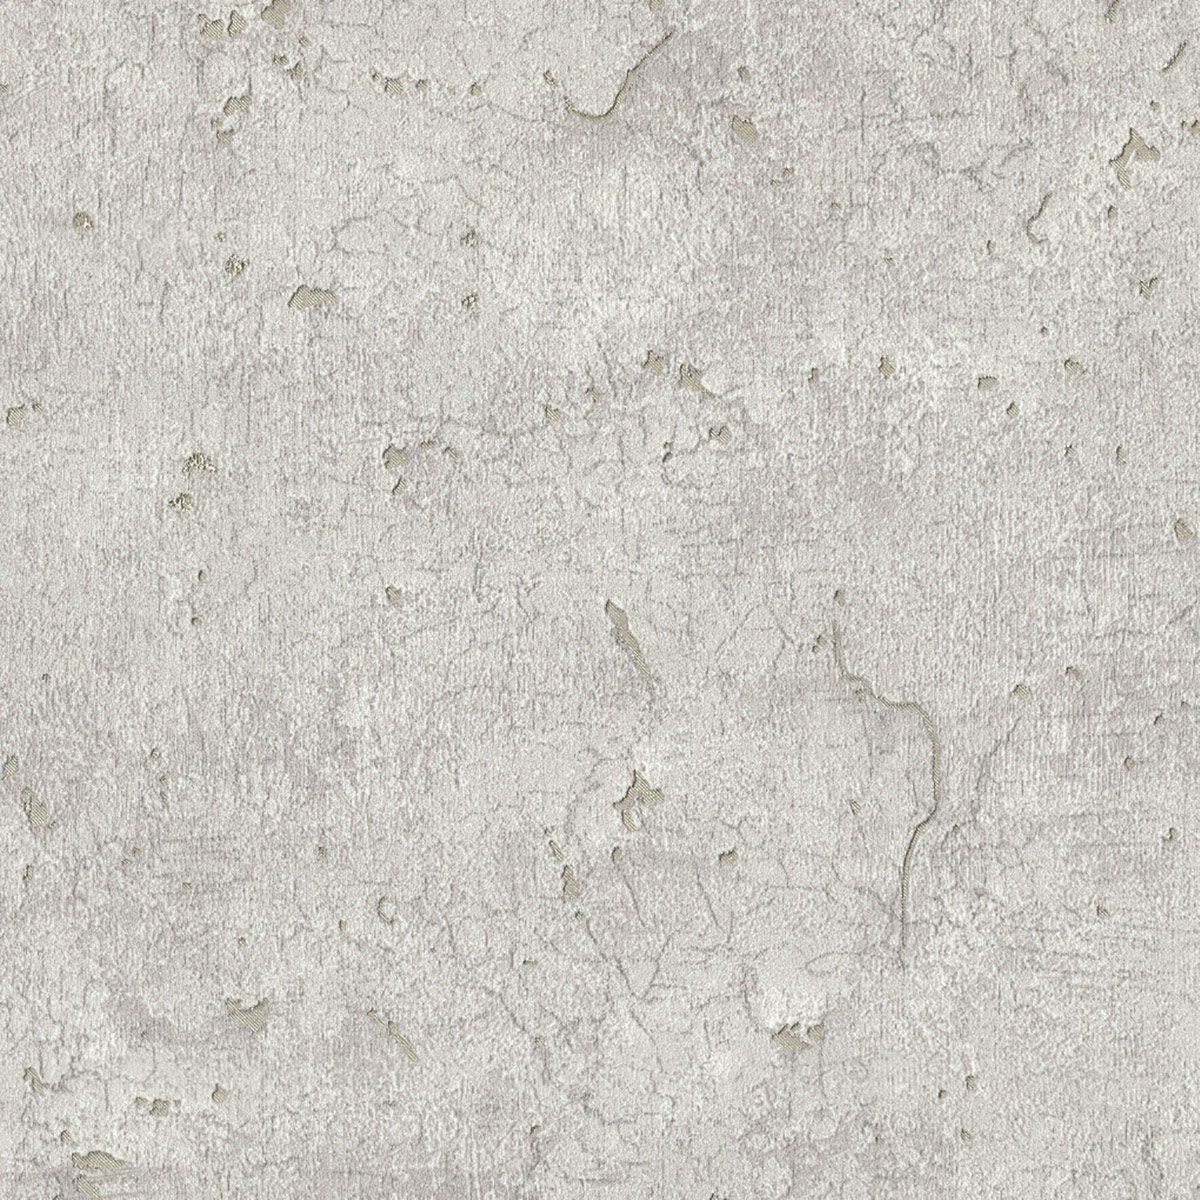 Купить обои под бетон в челябинске бетона дробилка купить в